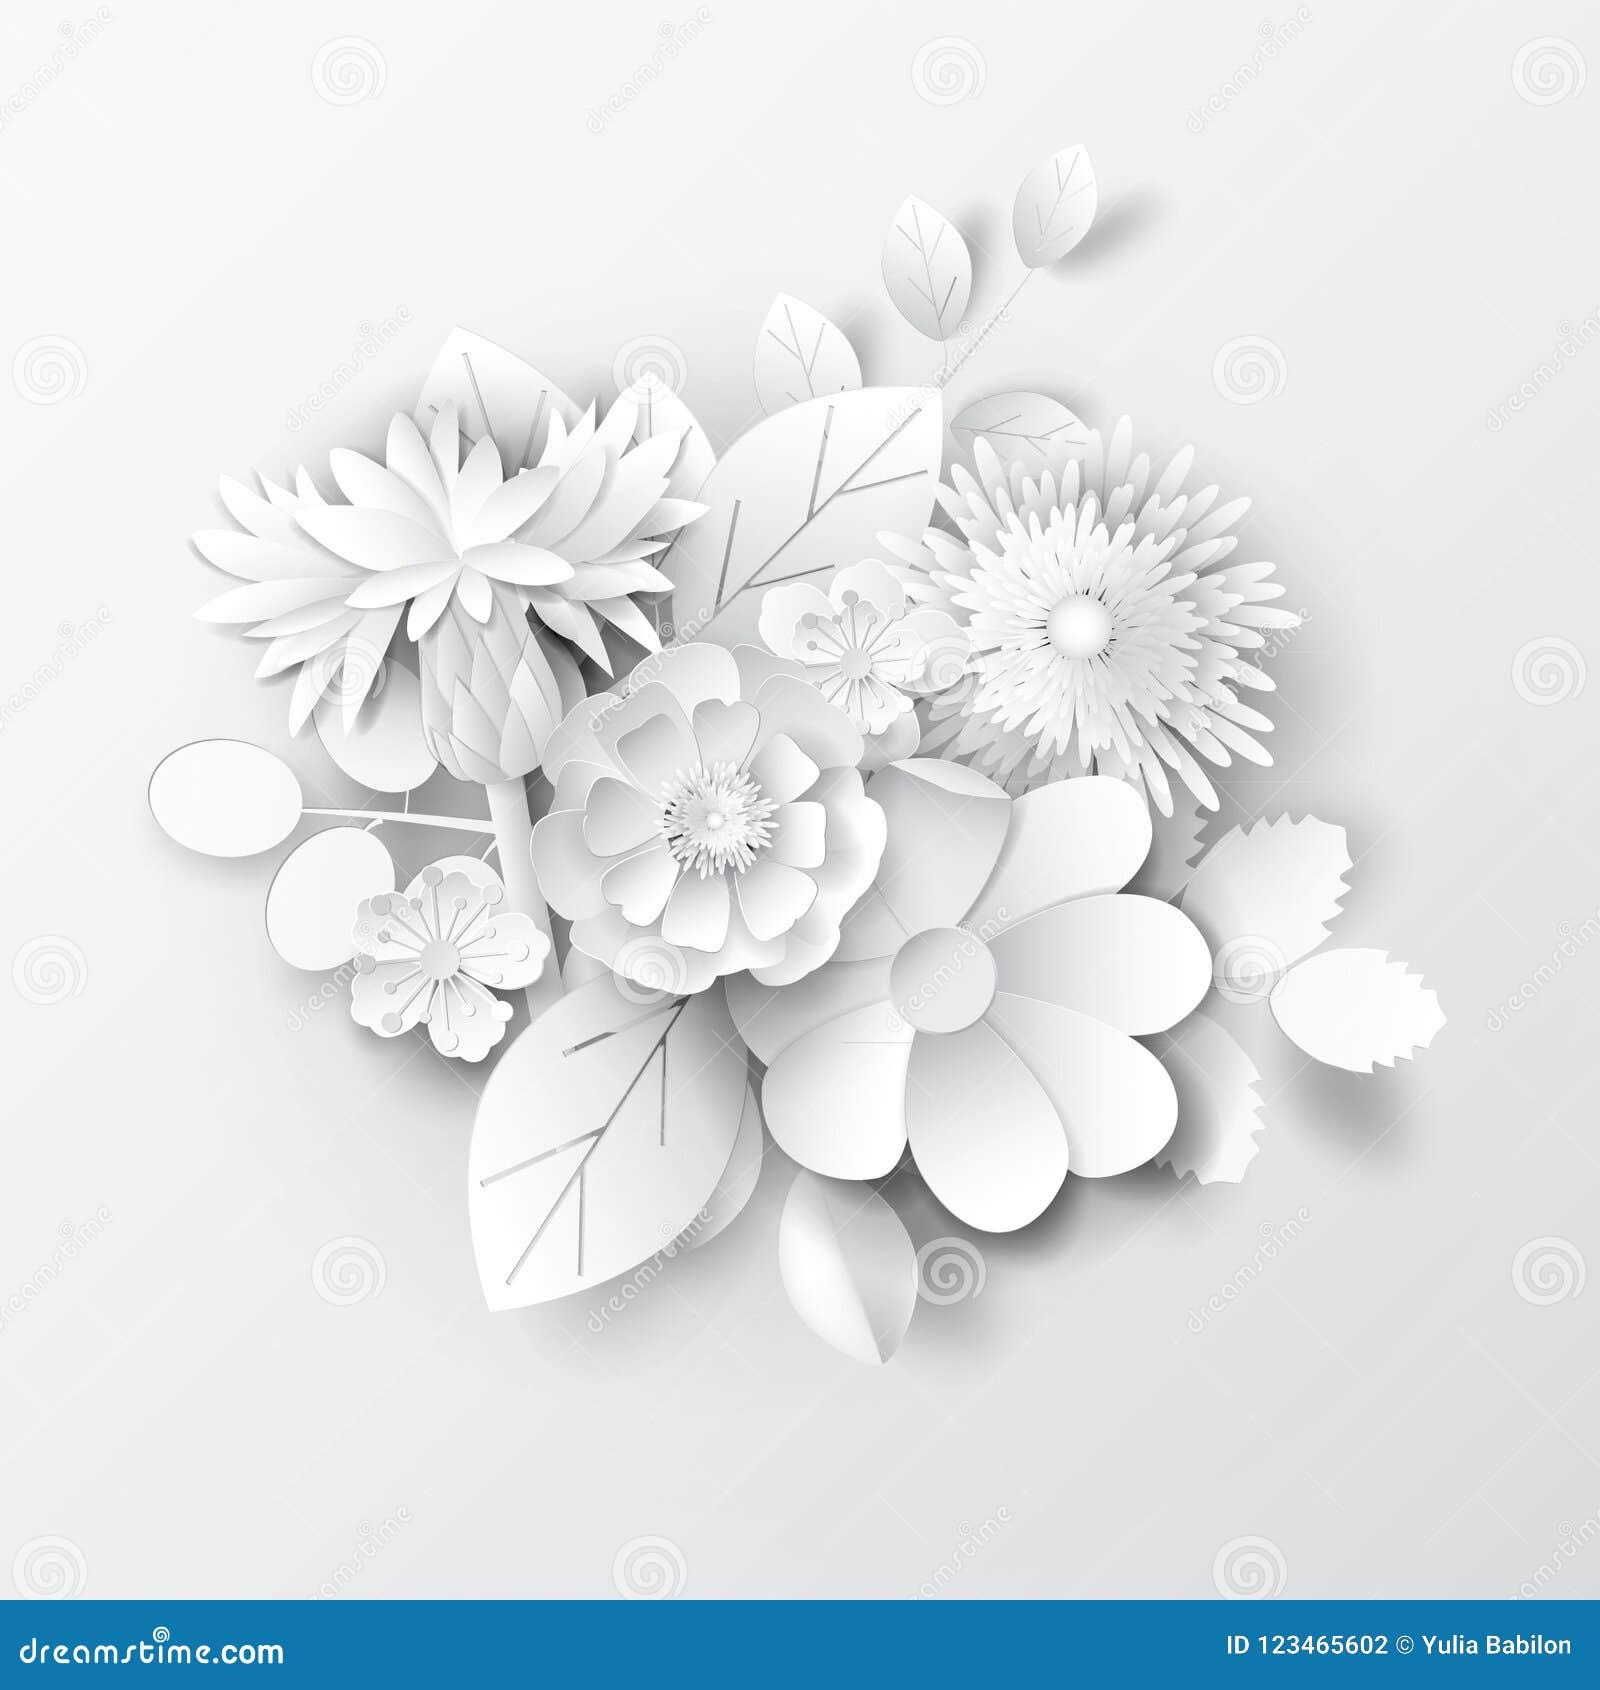 Paper Art Flowers Background Vector Stock Stock Illustration